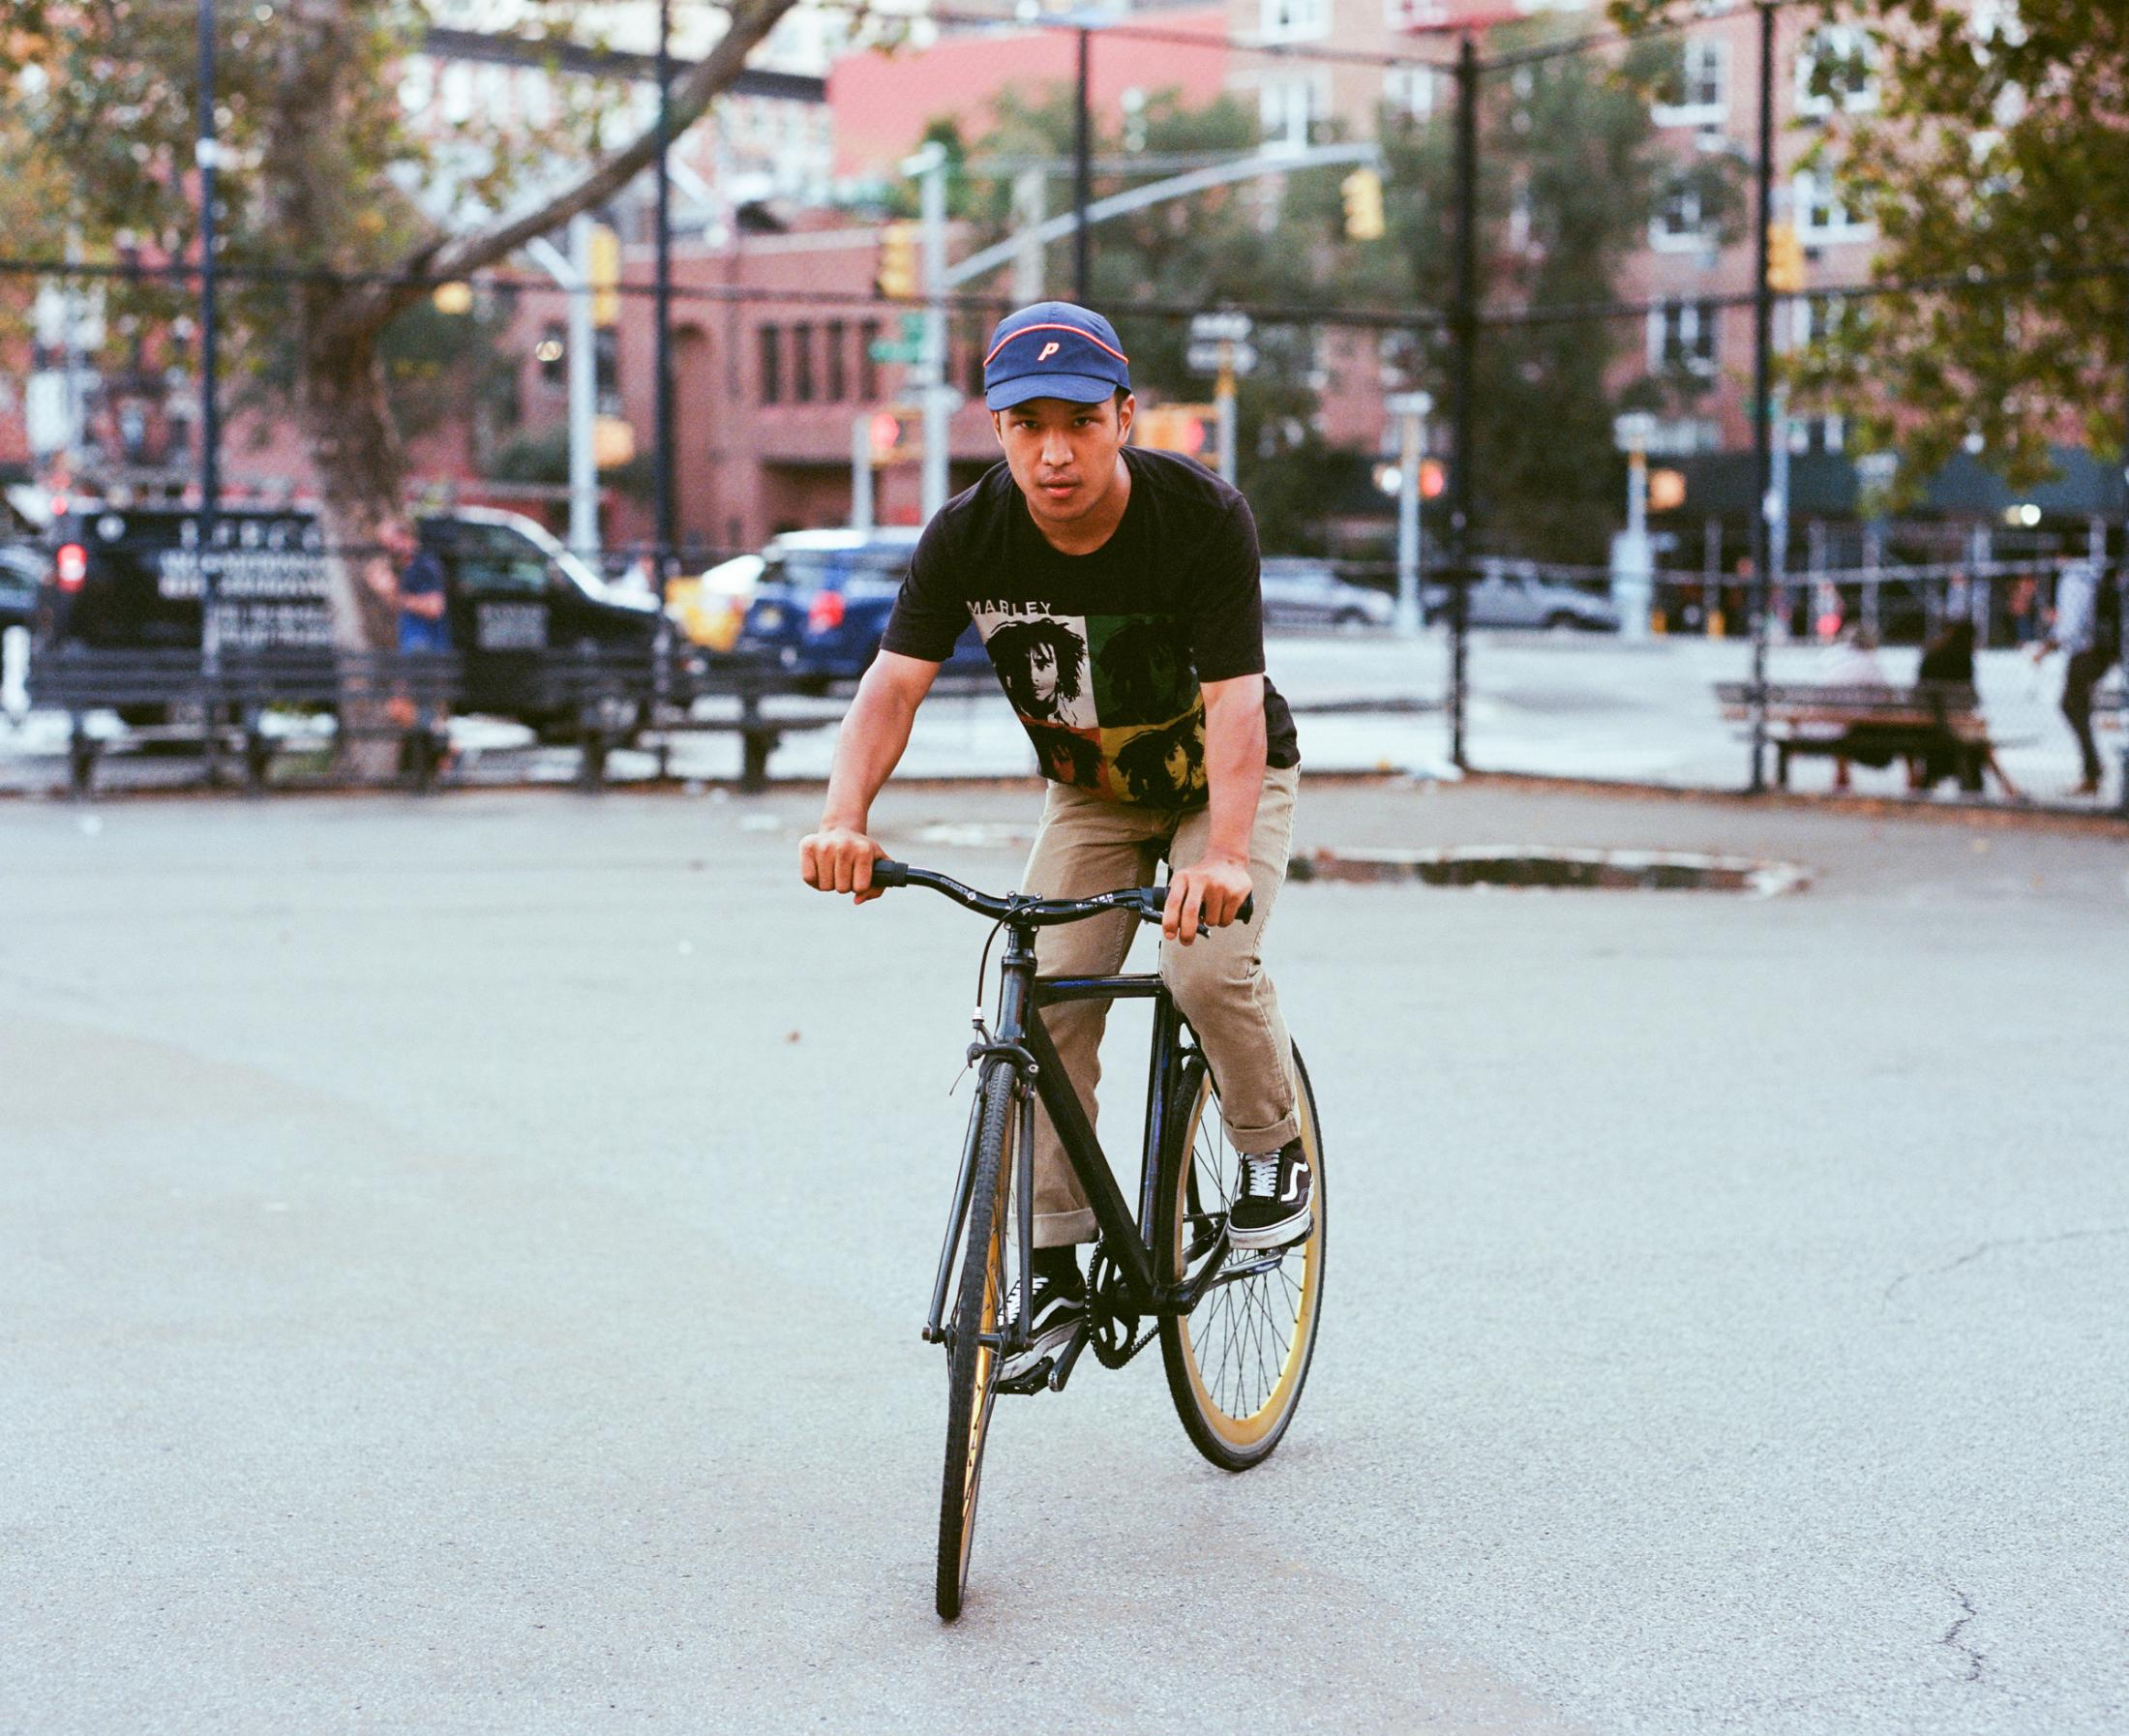 Tsheeringsyangbo (Nepal) on September 27, 2019 in NYC. Photo essay on Bike Messengers.